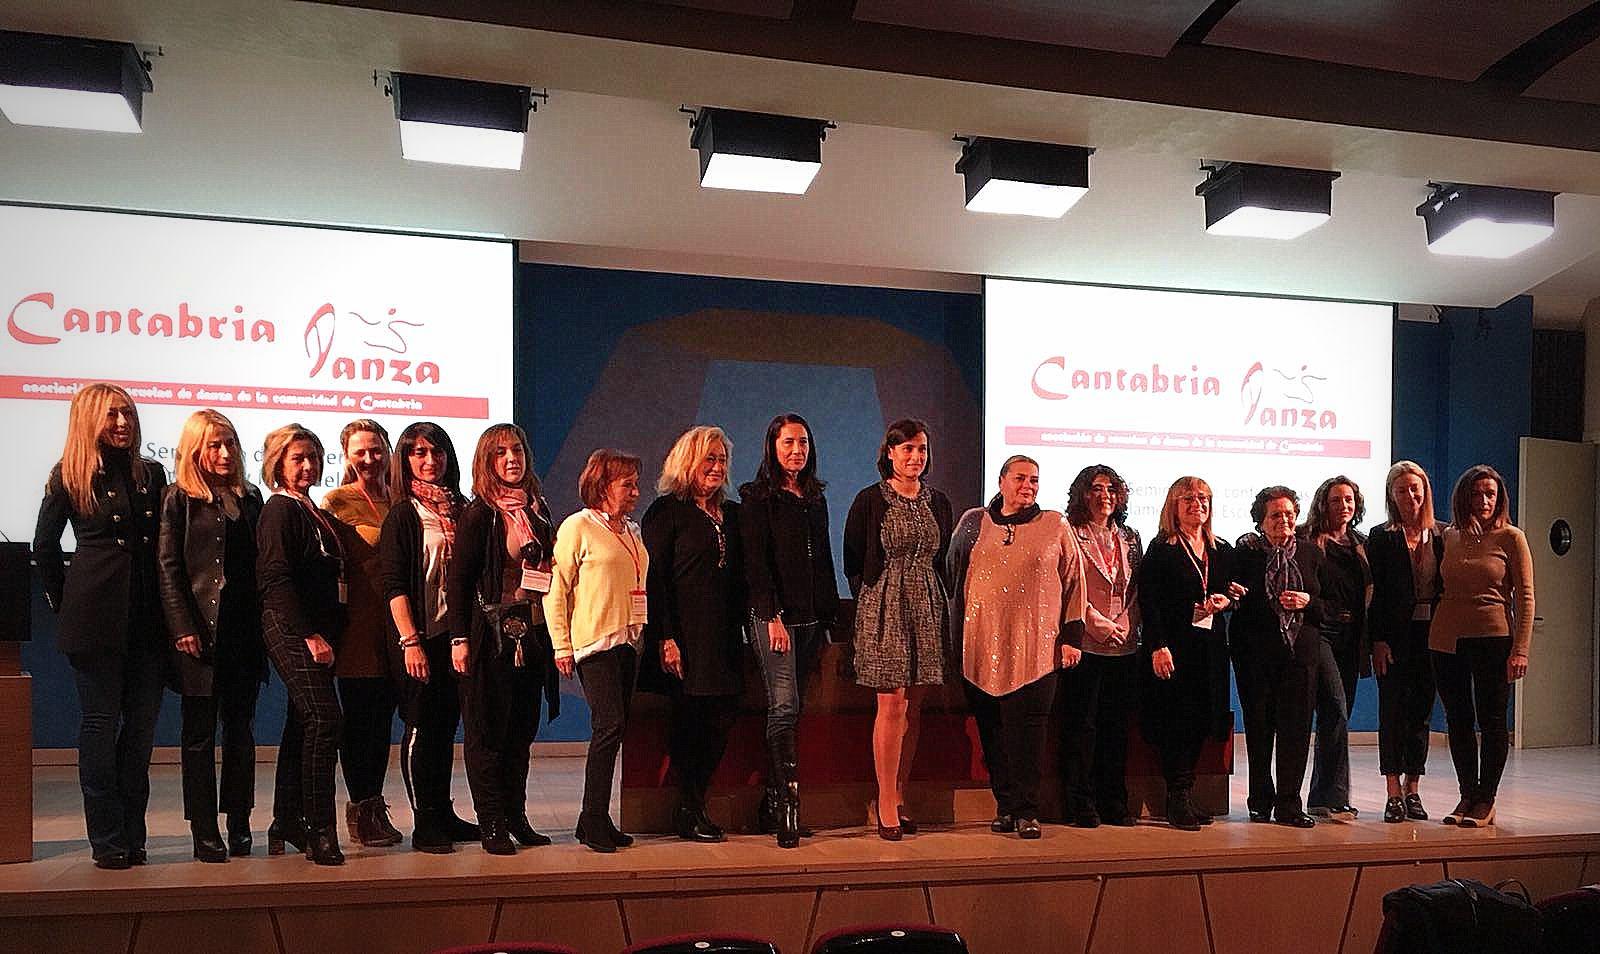 La alcaldesa de Santander, Dª Gema Igual, las ponentes del Seminario, Victoria Betanzos y Rocío Coral, la Presidenta de la Asociación Cantabria Danza y directoras de escuelas de danza de Cantabria